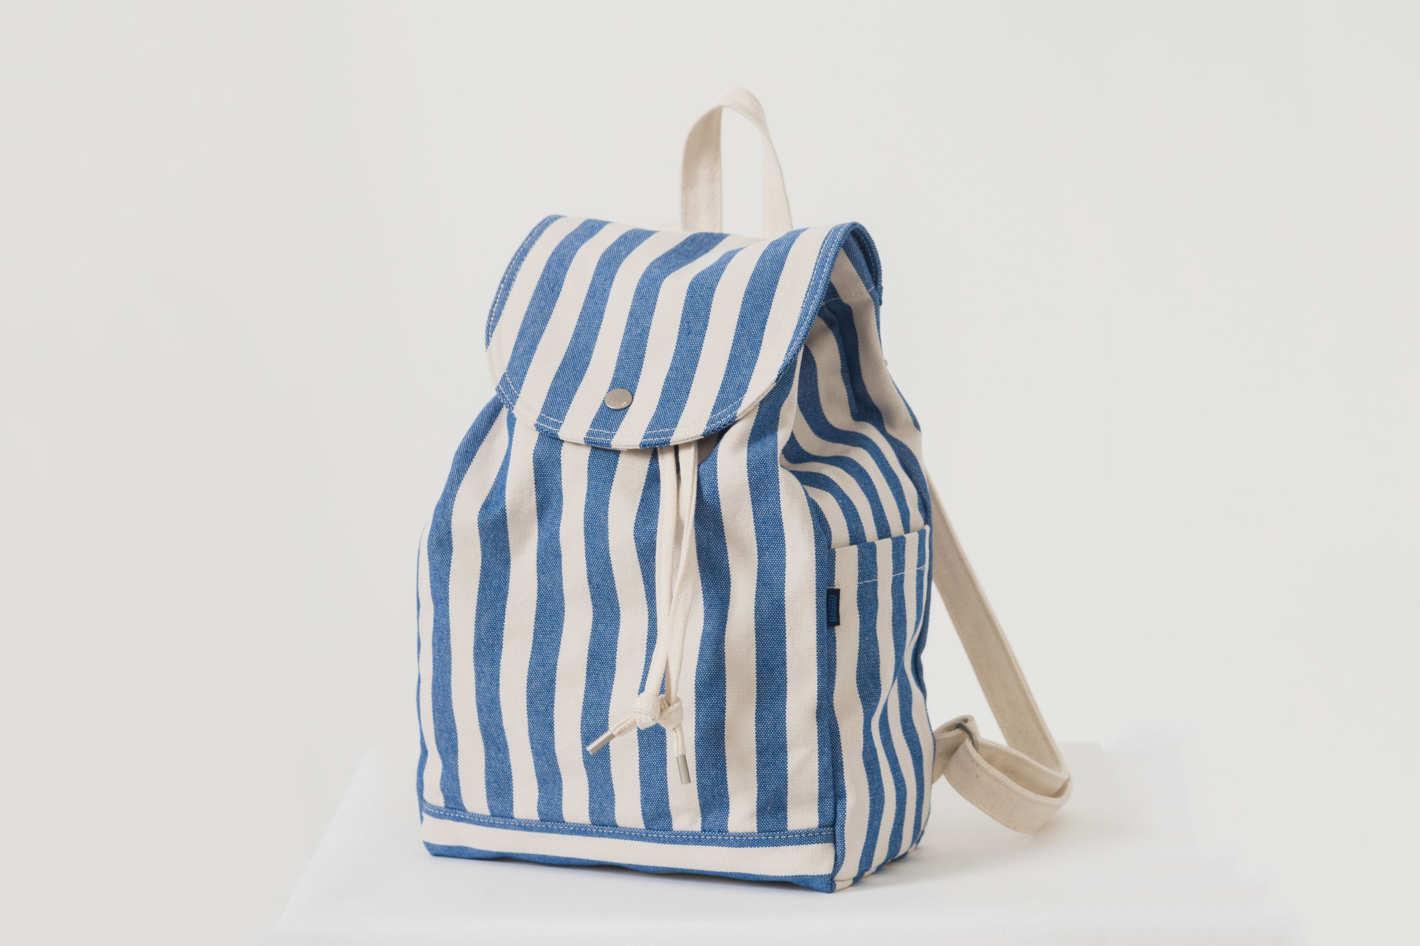 Baggu Drawstring Backpack in Summer Stripe